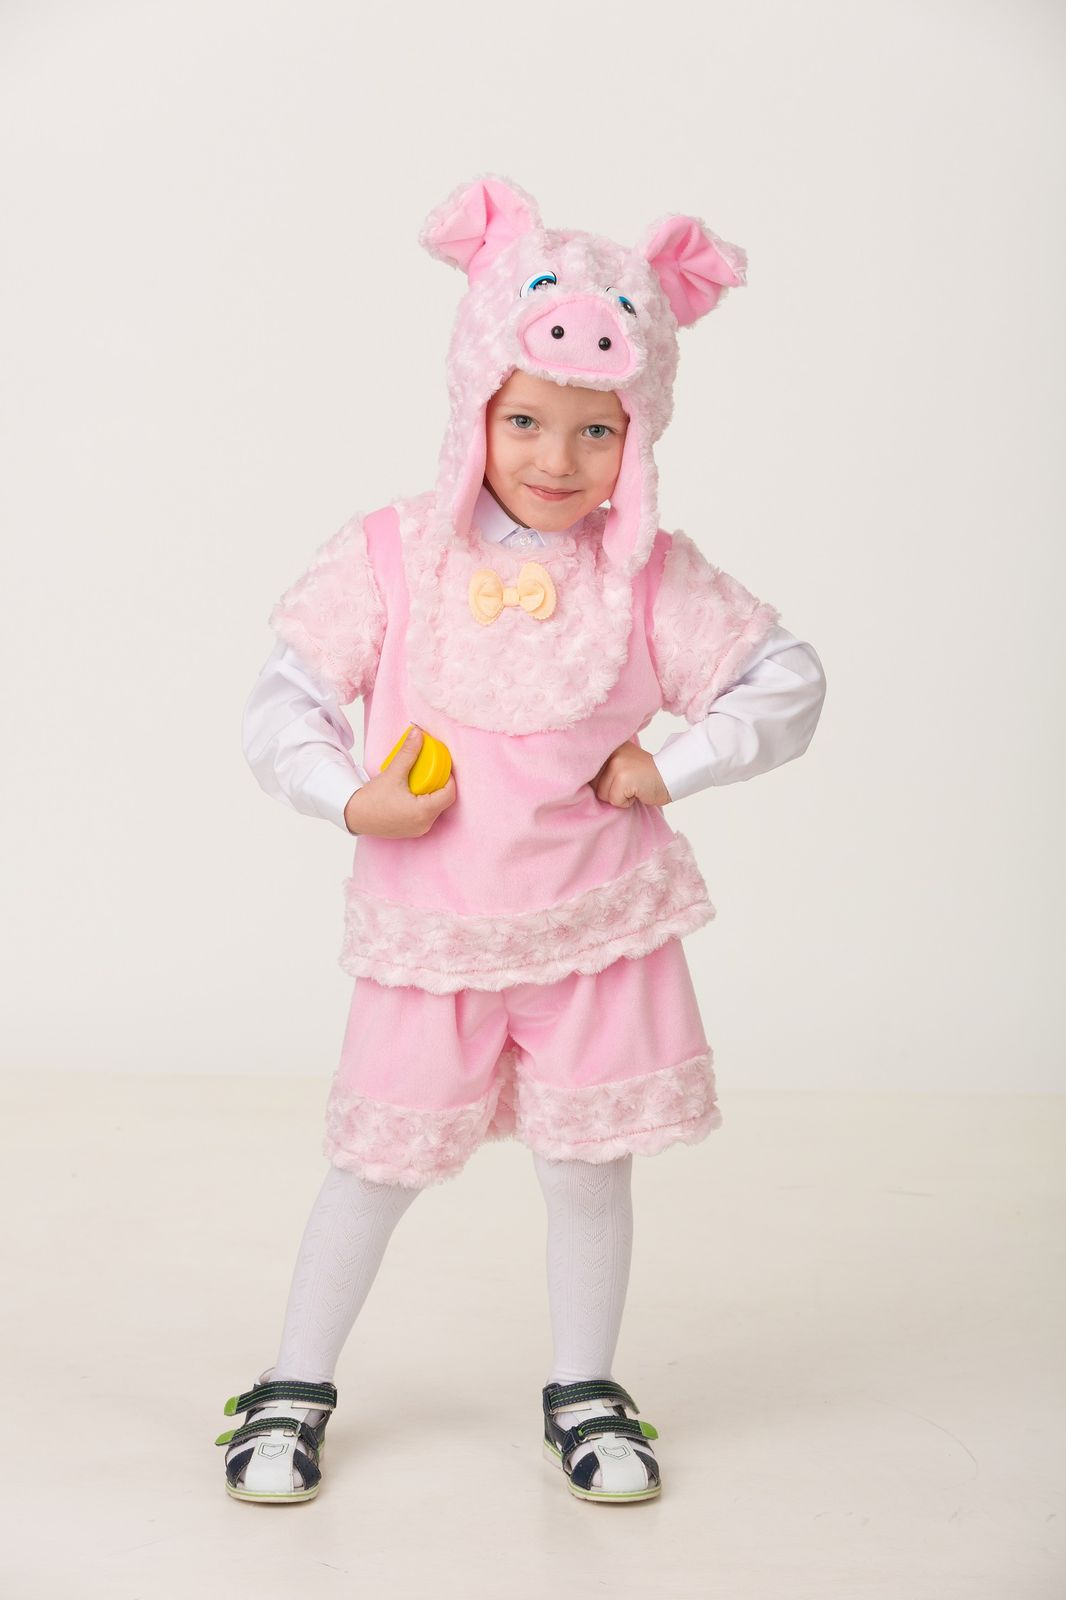 Карнавальный костюм Jeanees Поросёнок Рюрик, цвет: розовый. Размер: 26 карнавальный костюм jeanees зайка капризка цвет голубой размер 30